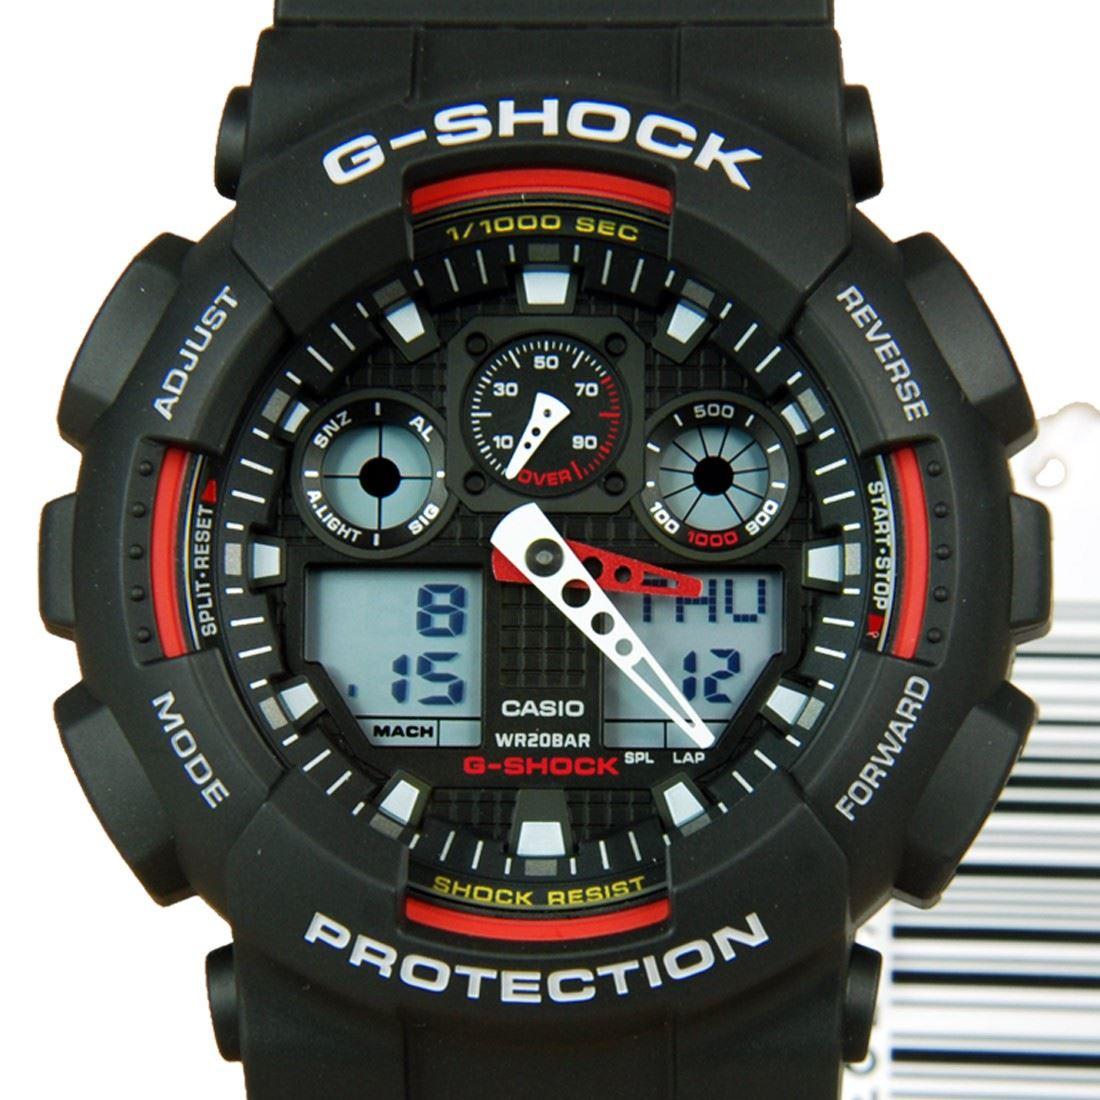 Компания casio продолжает бороться с различными подделками и репликами, которые выпускаются китайским рынком, от чего в особенности страдают самые ходовые модели часов g-shock.